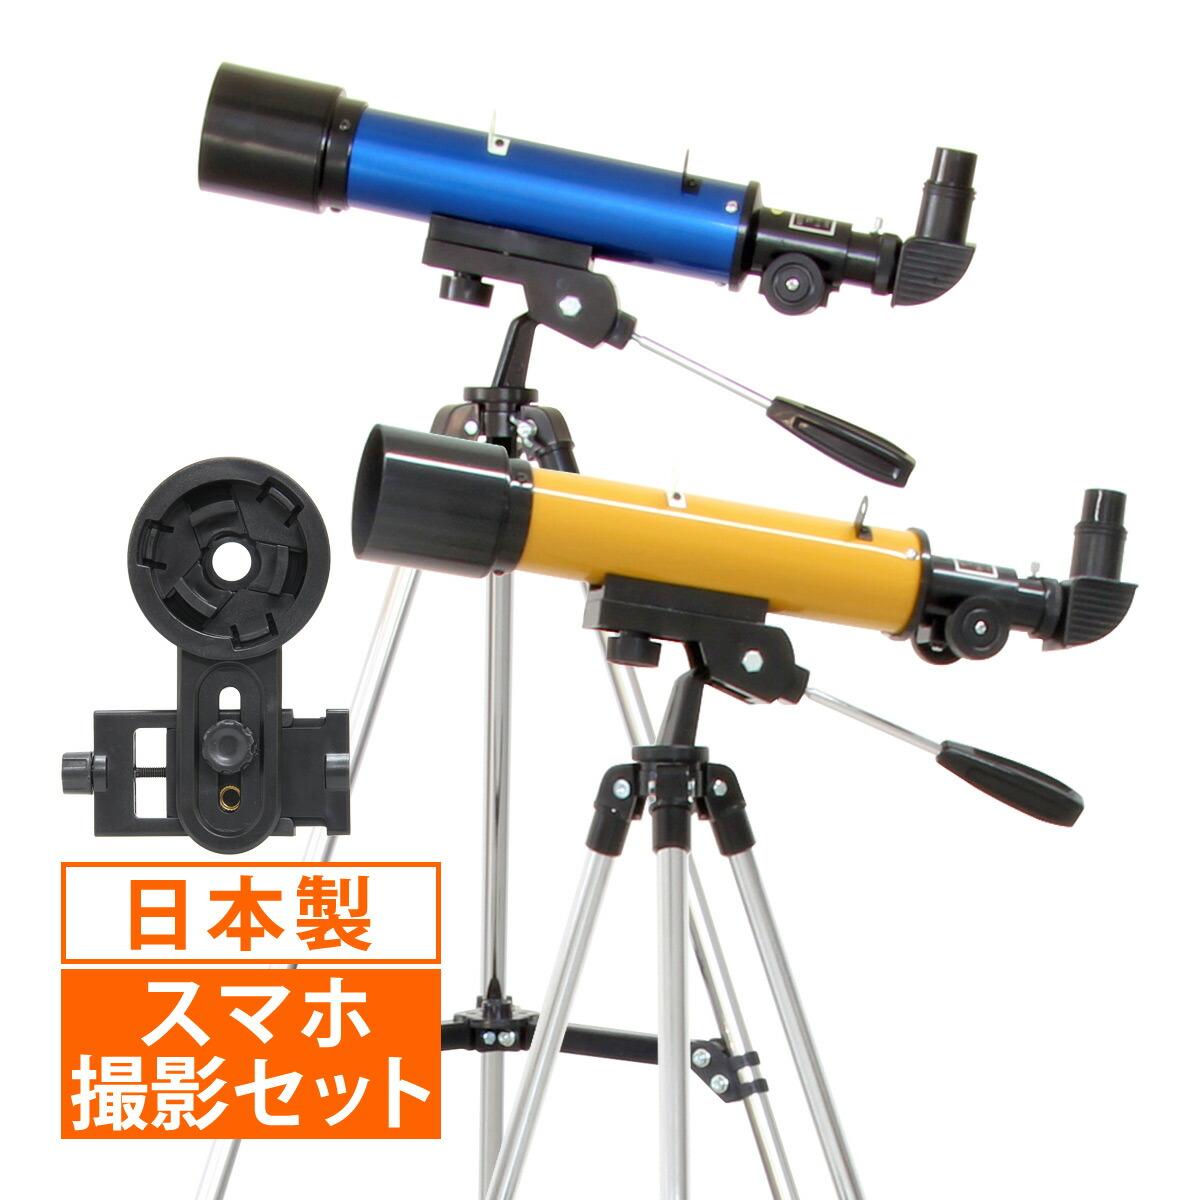 屈折式天体望遠鏡 レグルス50